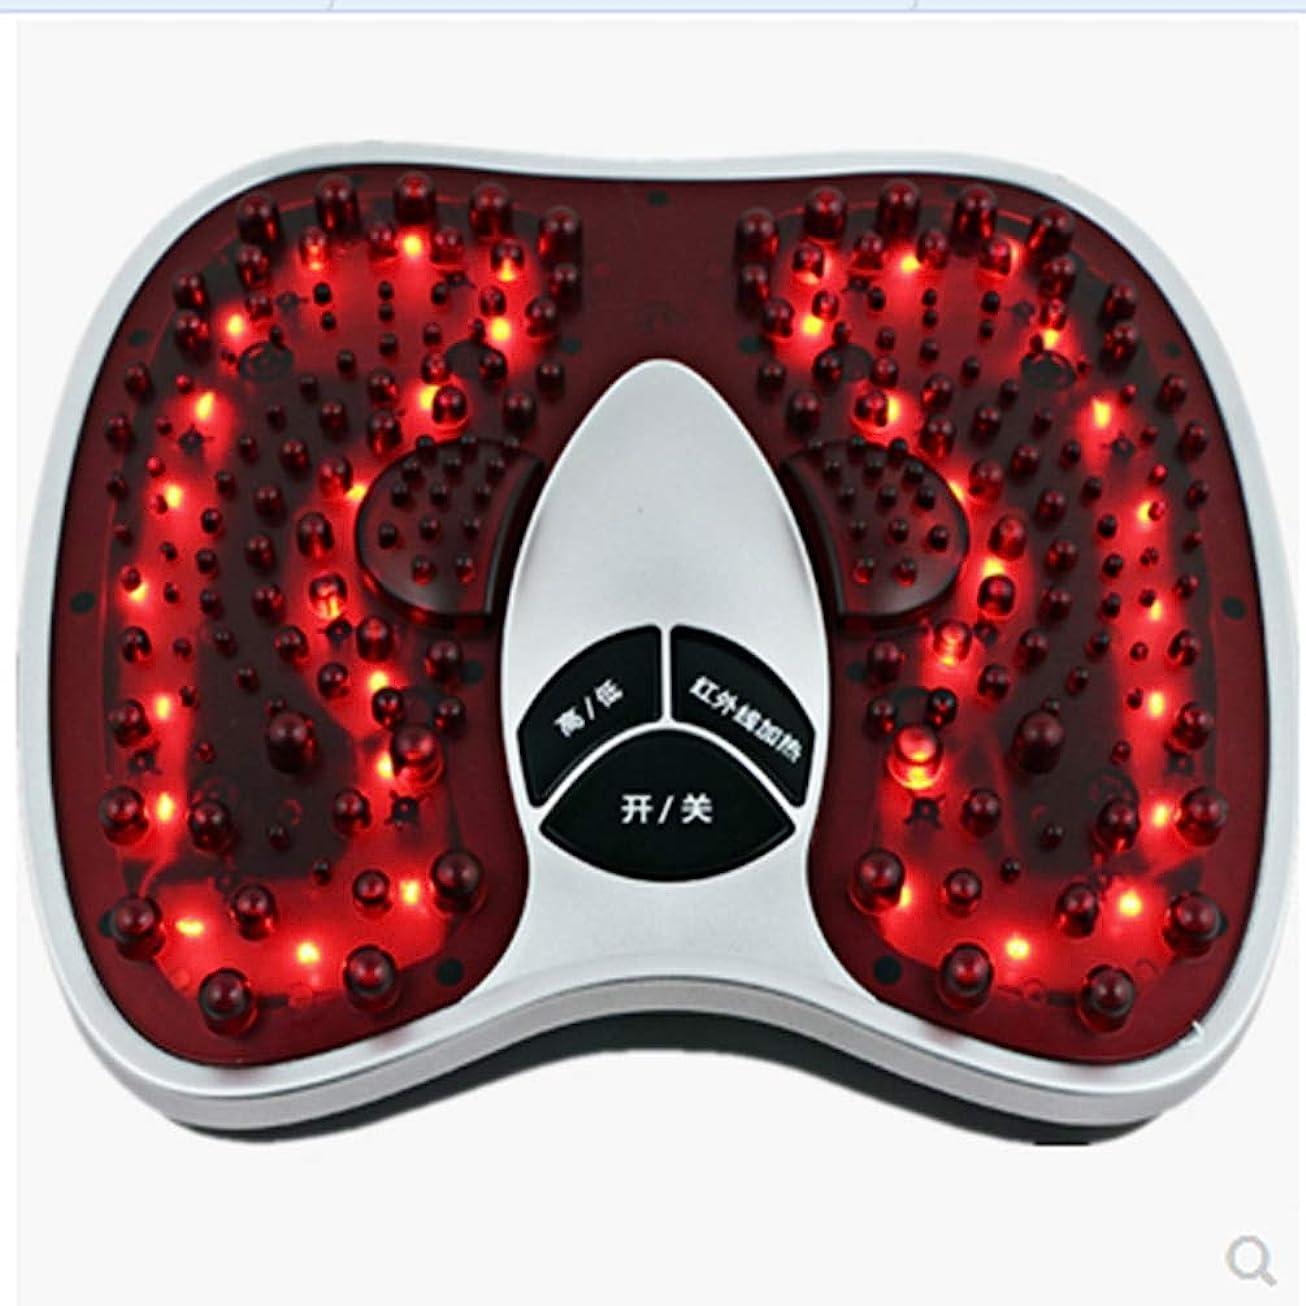 かかわらず地下鉄可聴電気の フットマッサージ(熱を含む)、フルマッサージを体験する202マッサージヘッド、硬い筋肉を柔らかくする、循環を改善する、痛みを軽減する治療 人間工学的デザイン, red